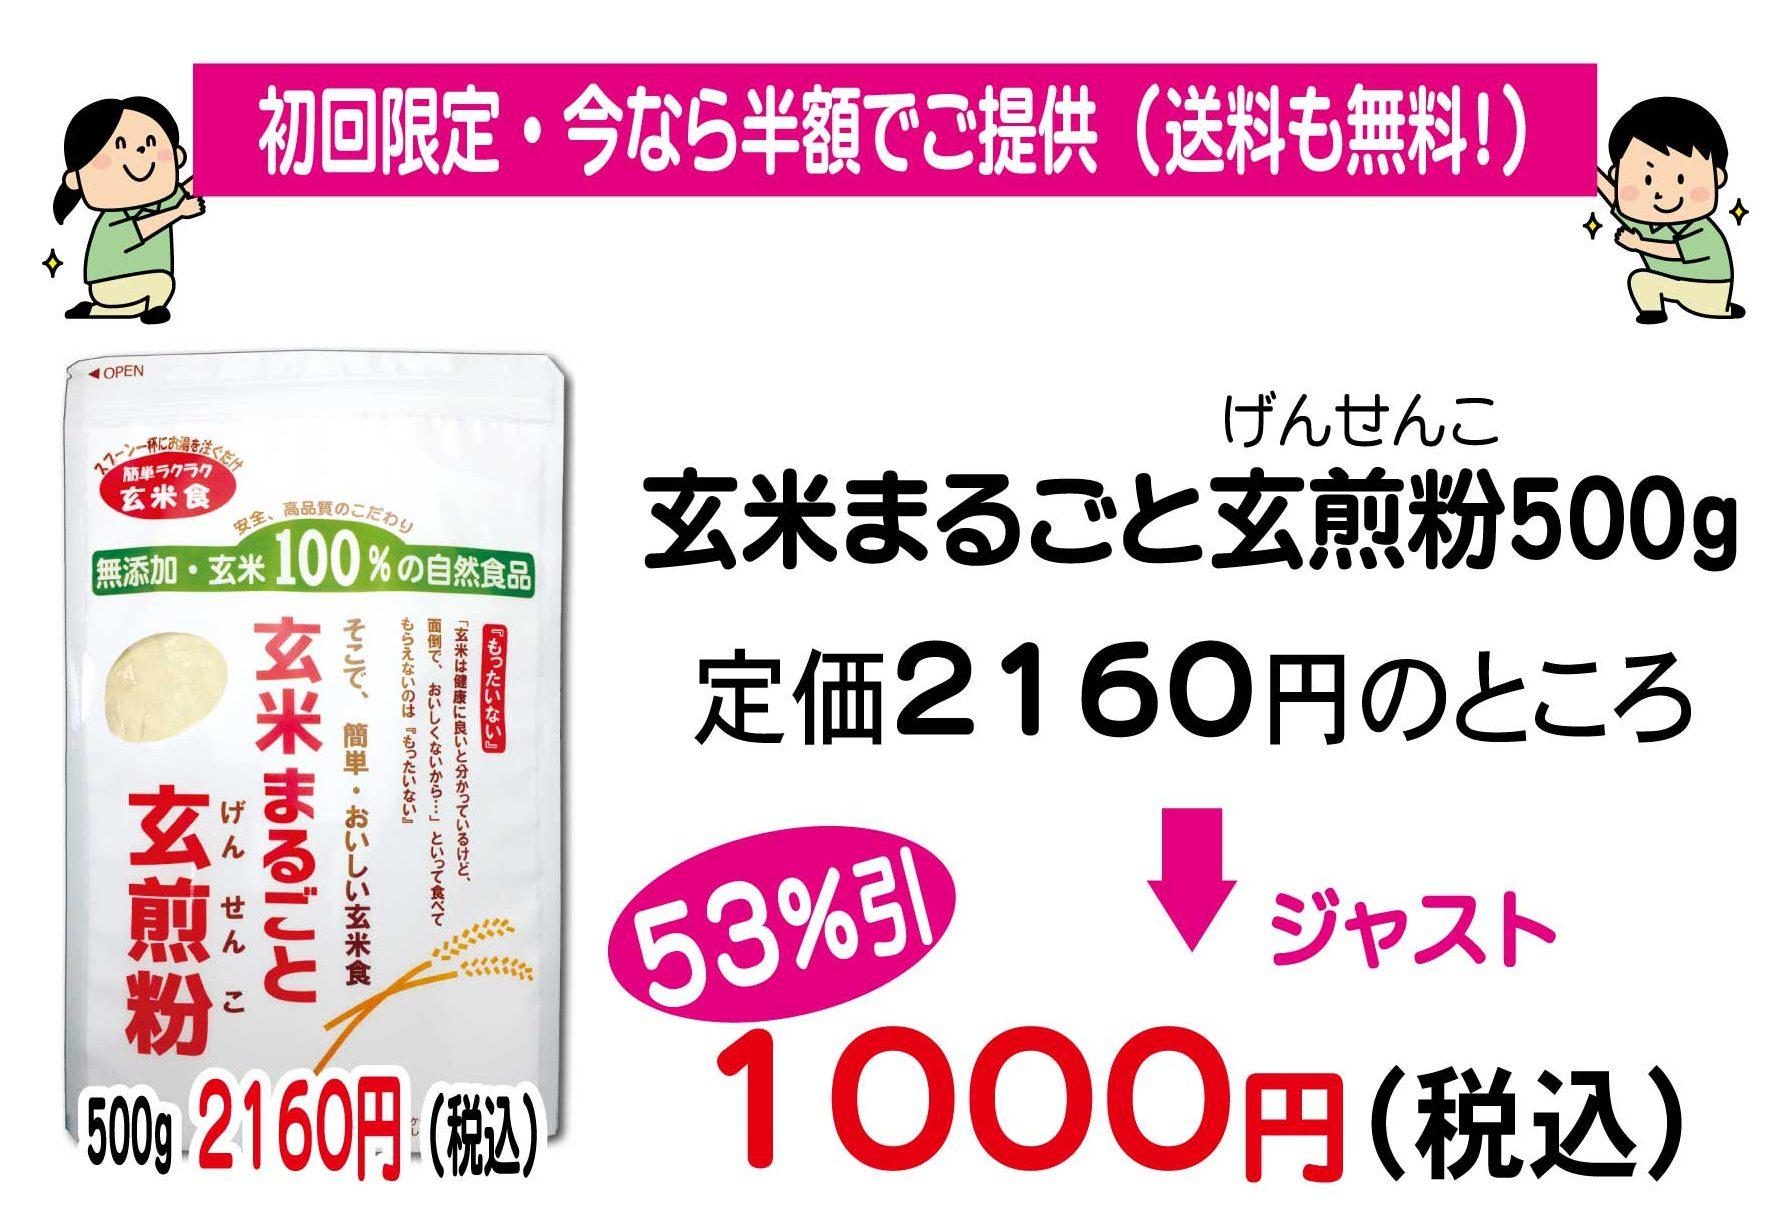 焙煎玄米粉「玄米まるごと玄煎粉」が半額で購入できます。